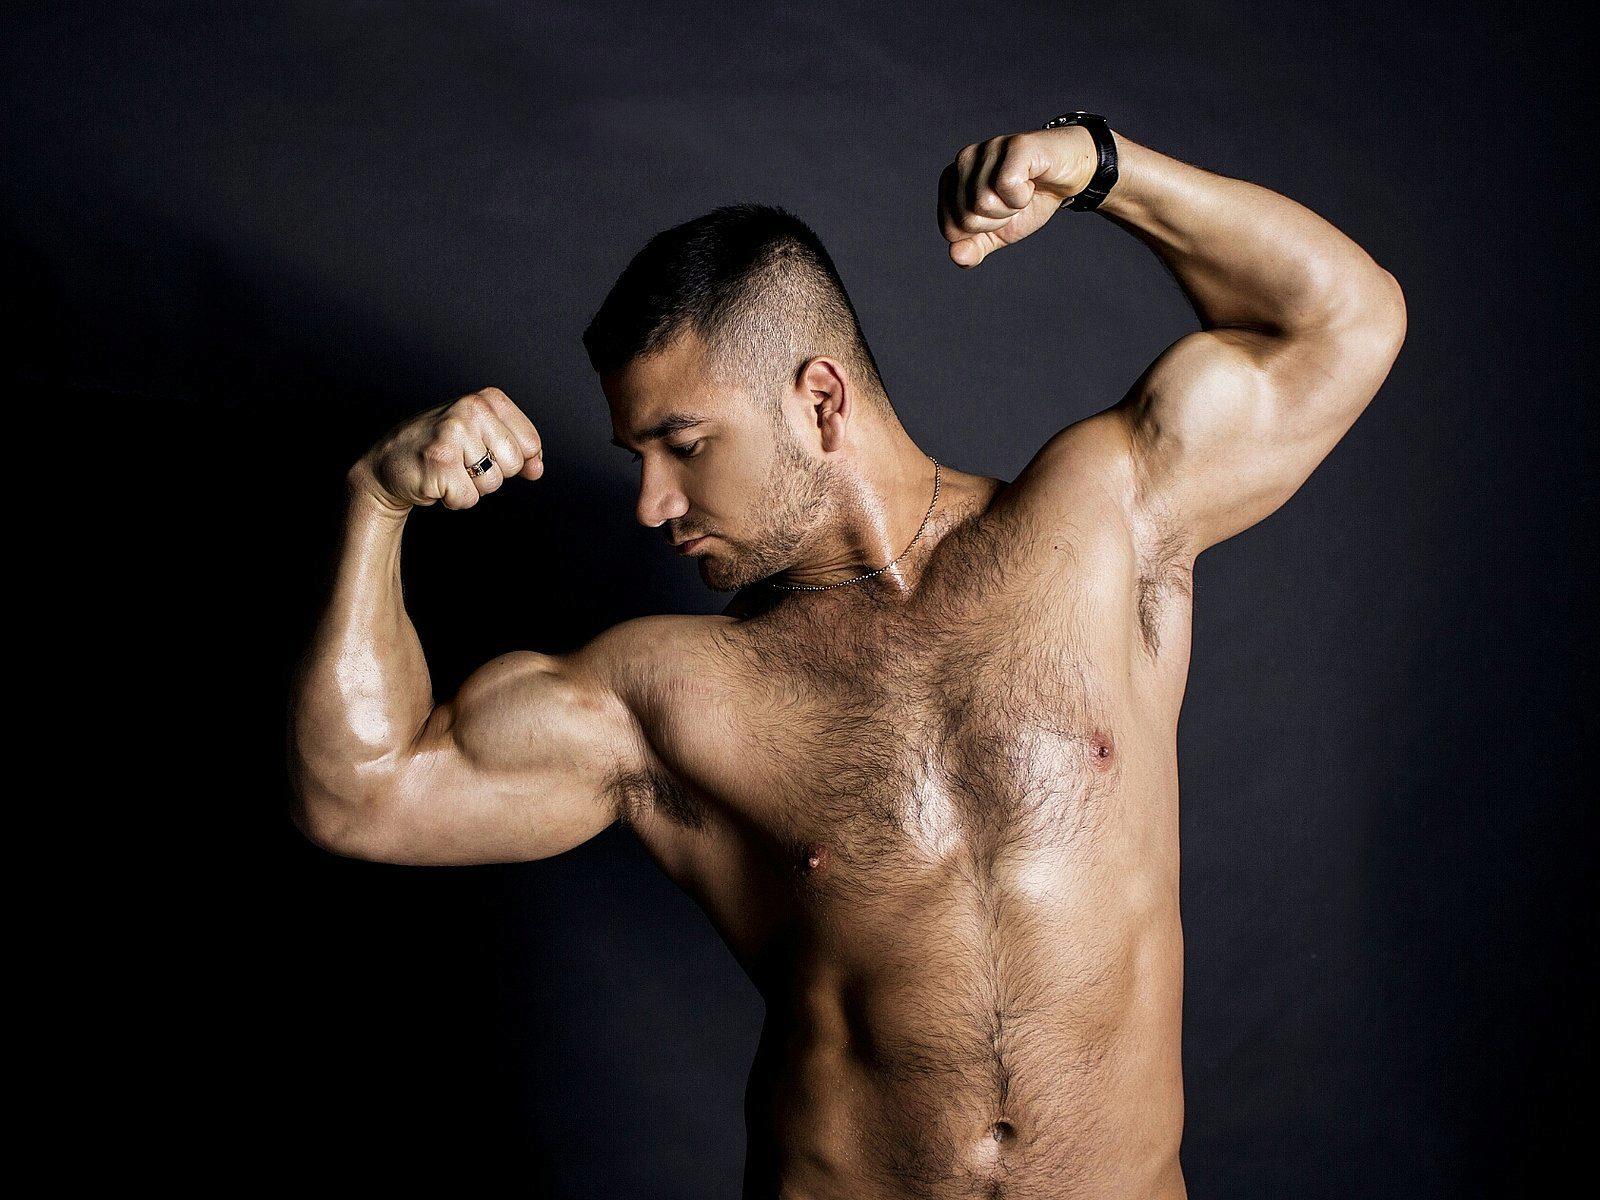 gay porno q